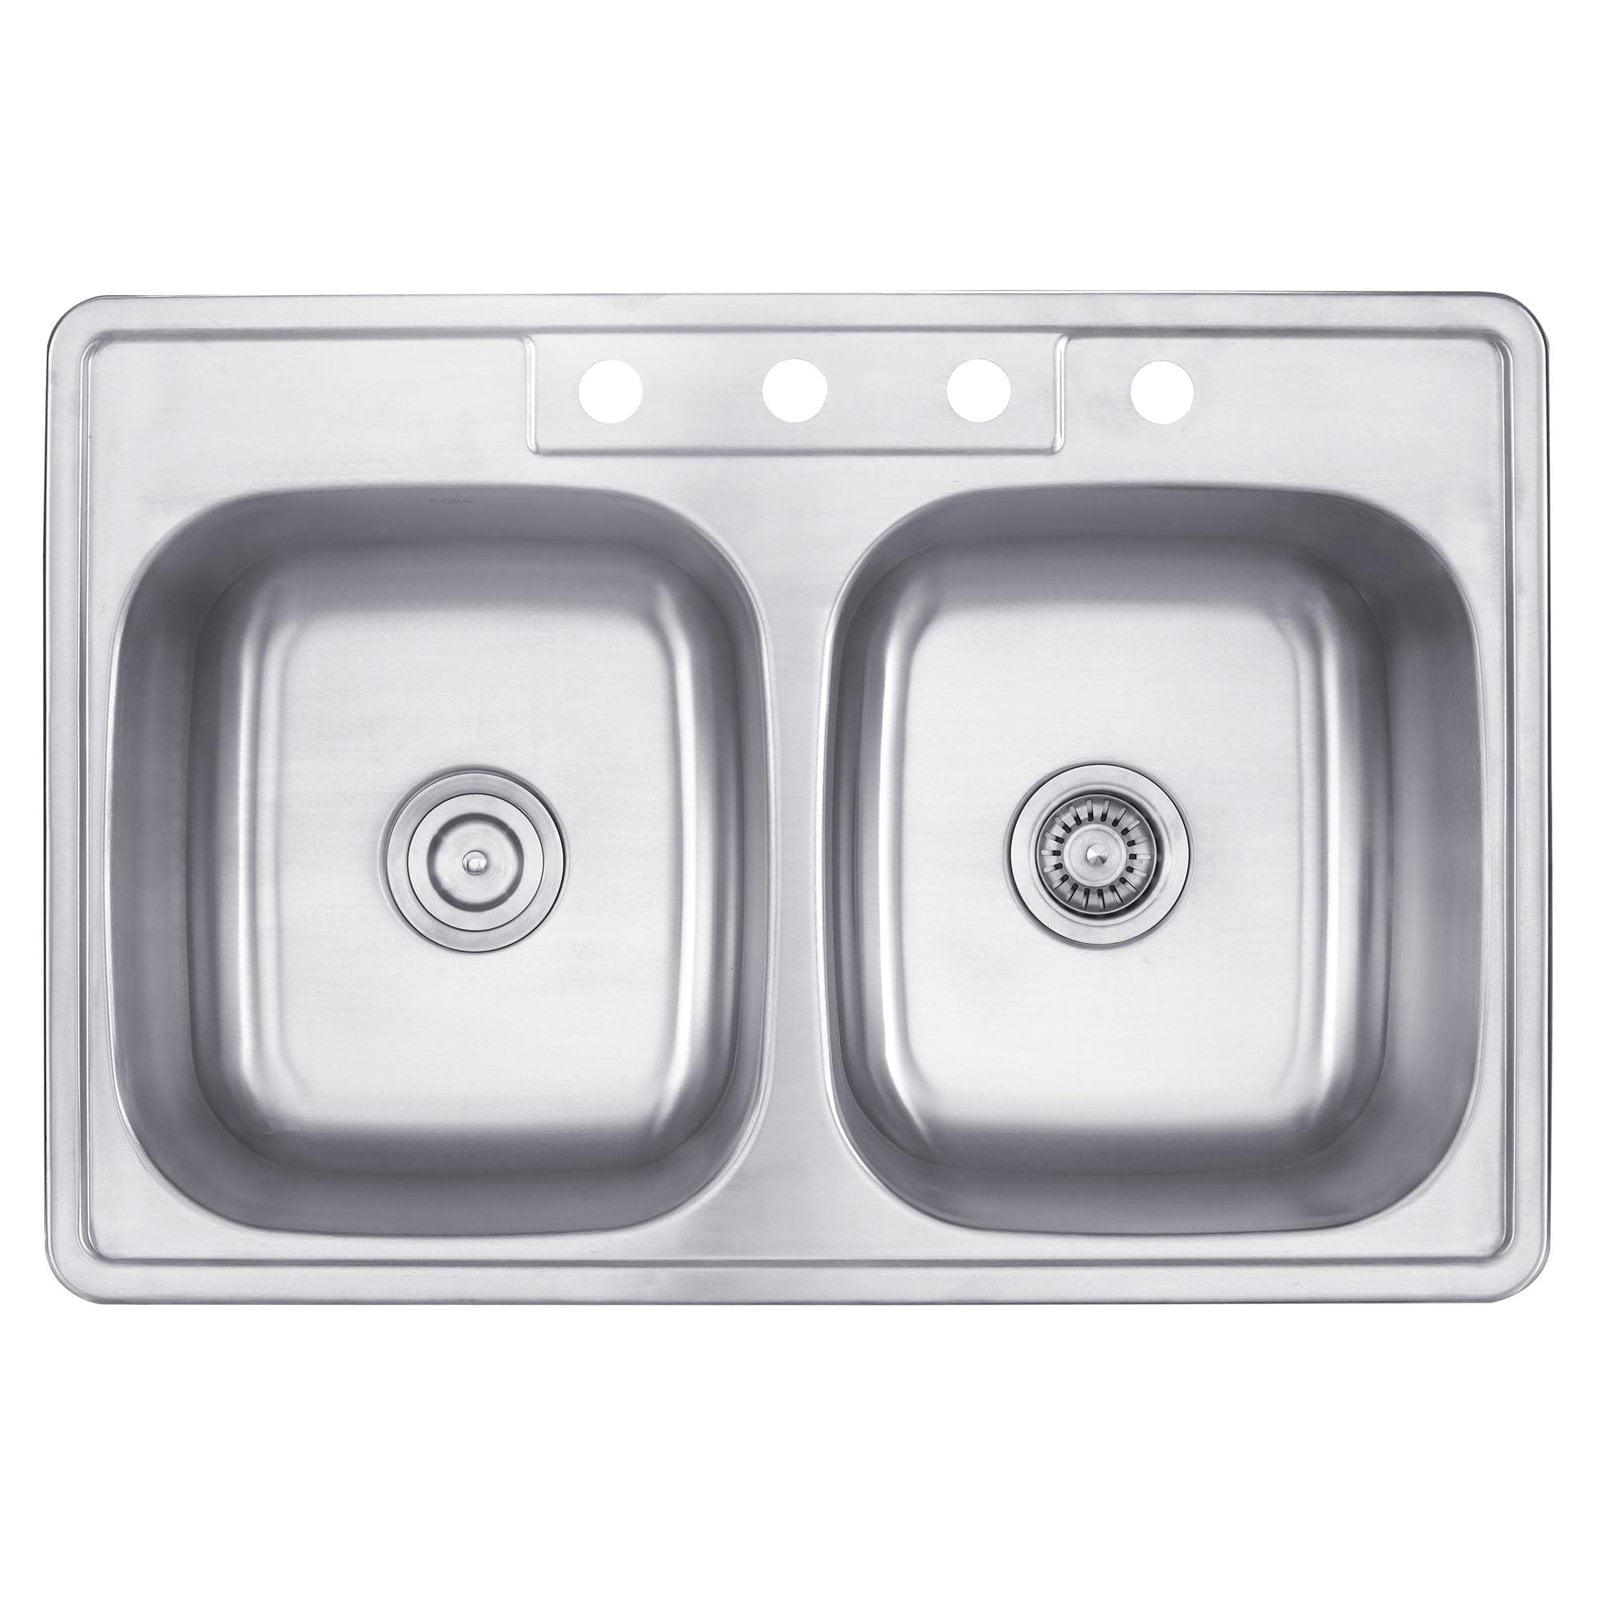 Kraus Ktm33 Double Basin Drop In Kitchen Sink